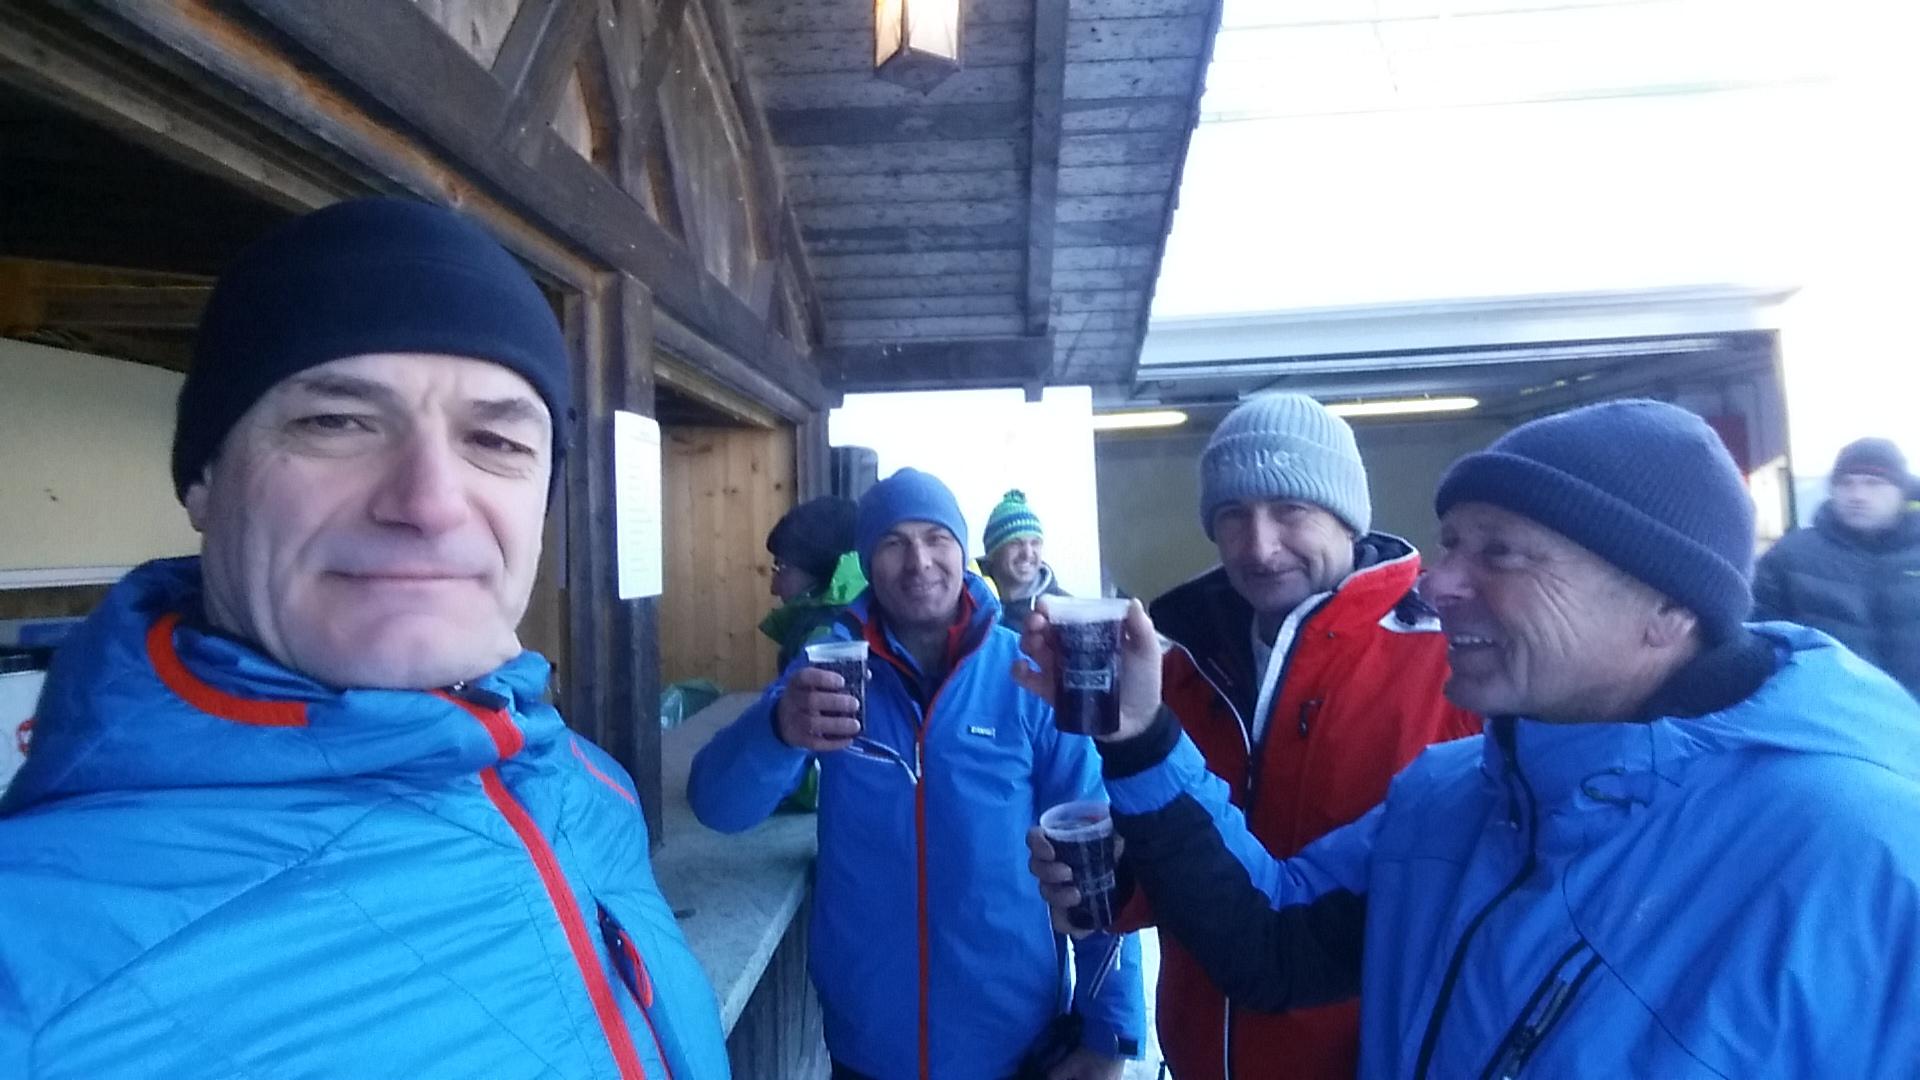 Dorfmeisterschaft in Eisstockschießen